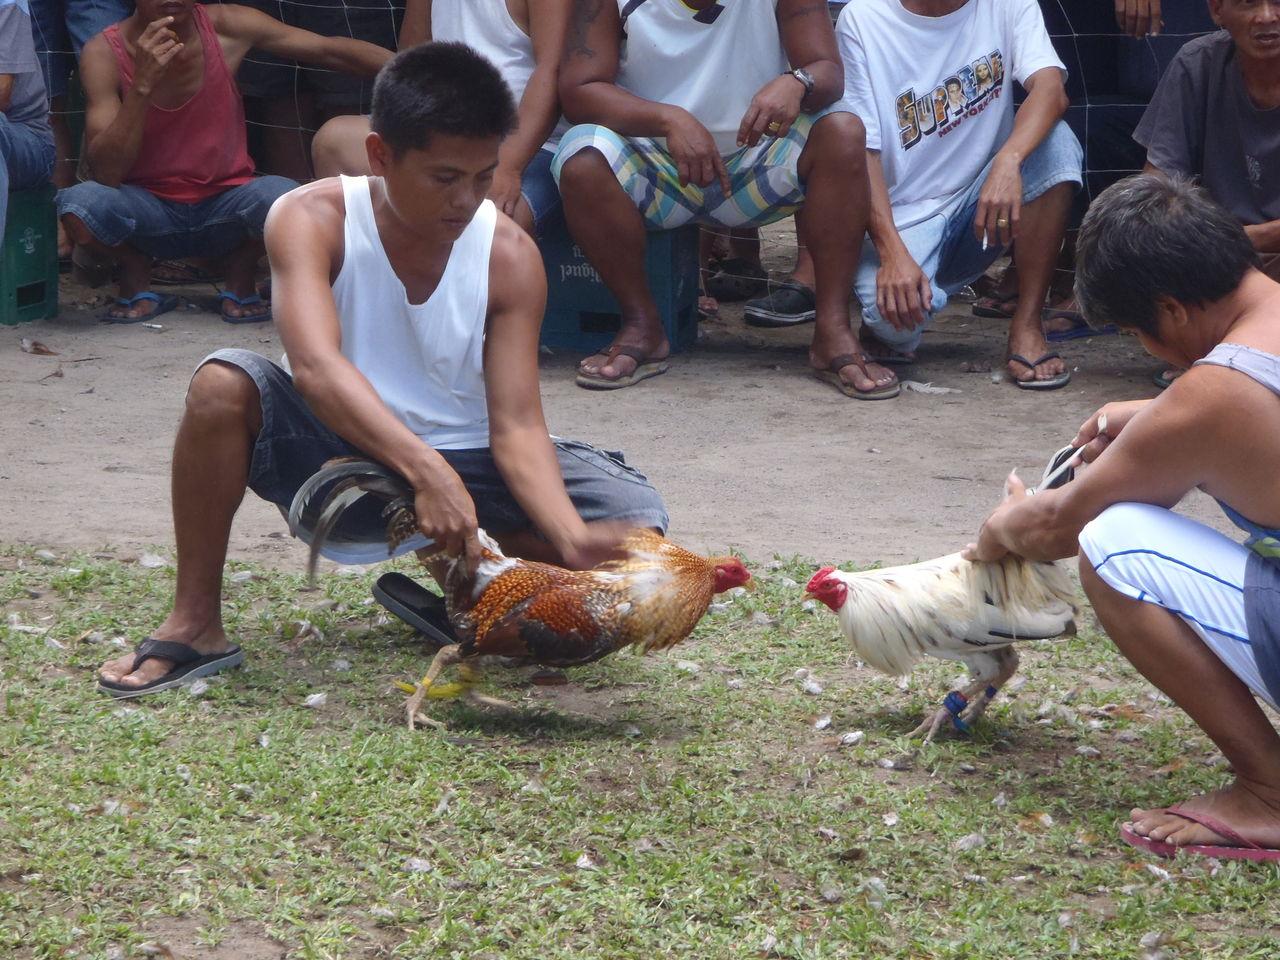 ドゥマゲッティ最大の娯楽闘鶏 男達と鶏たちの真剣勝負